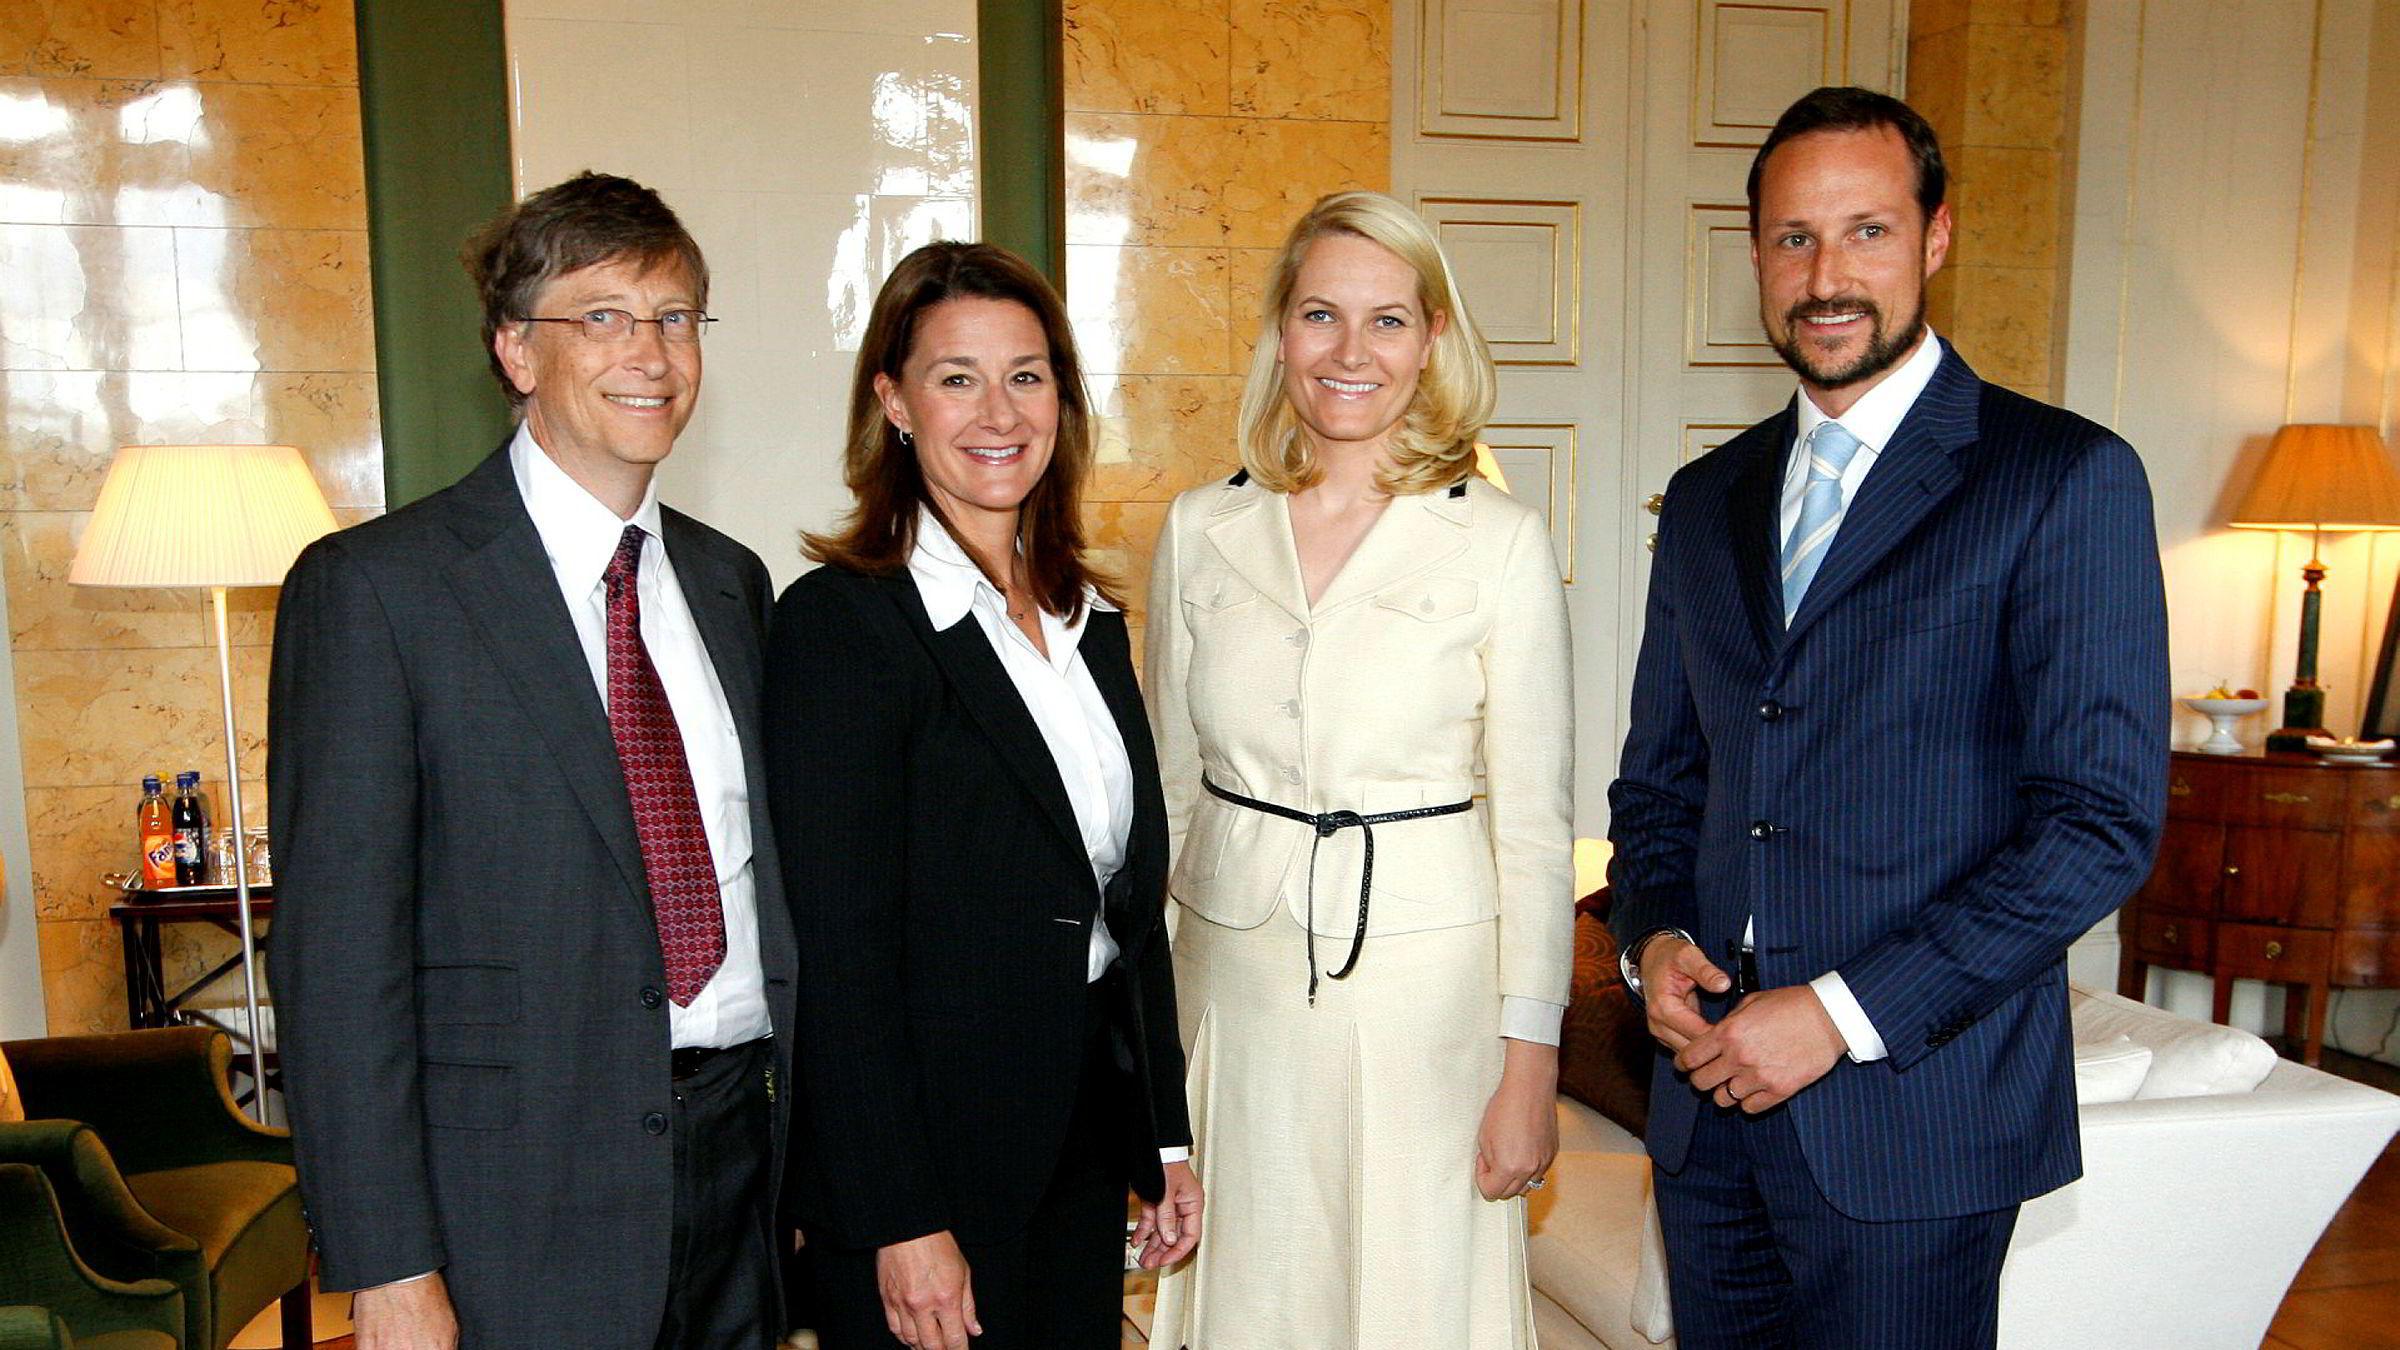 Bill og Melinda Gates (til venstre) ble i 2009 mottatt i audiens på Slottet av kronprinsesse Mette-Marit og kronprins Haakon.